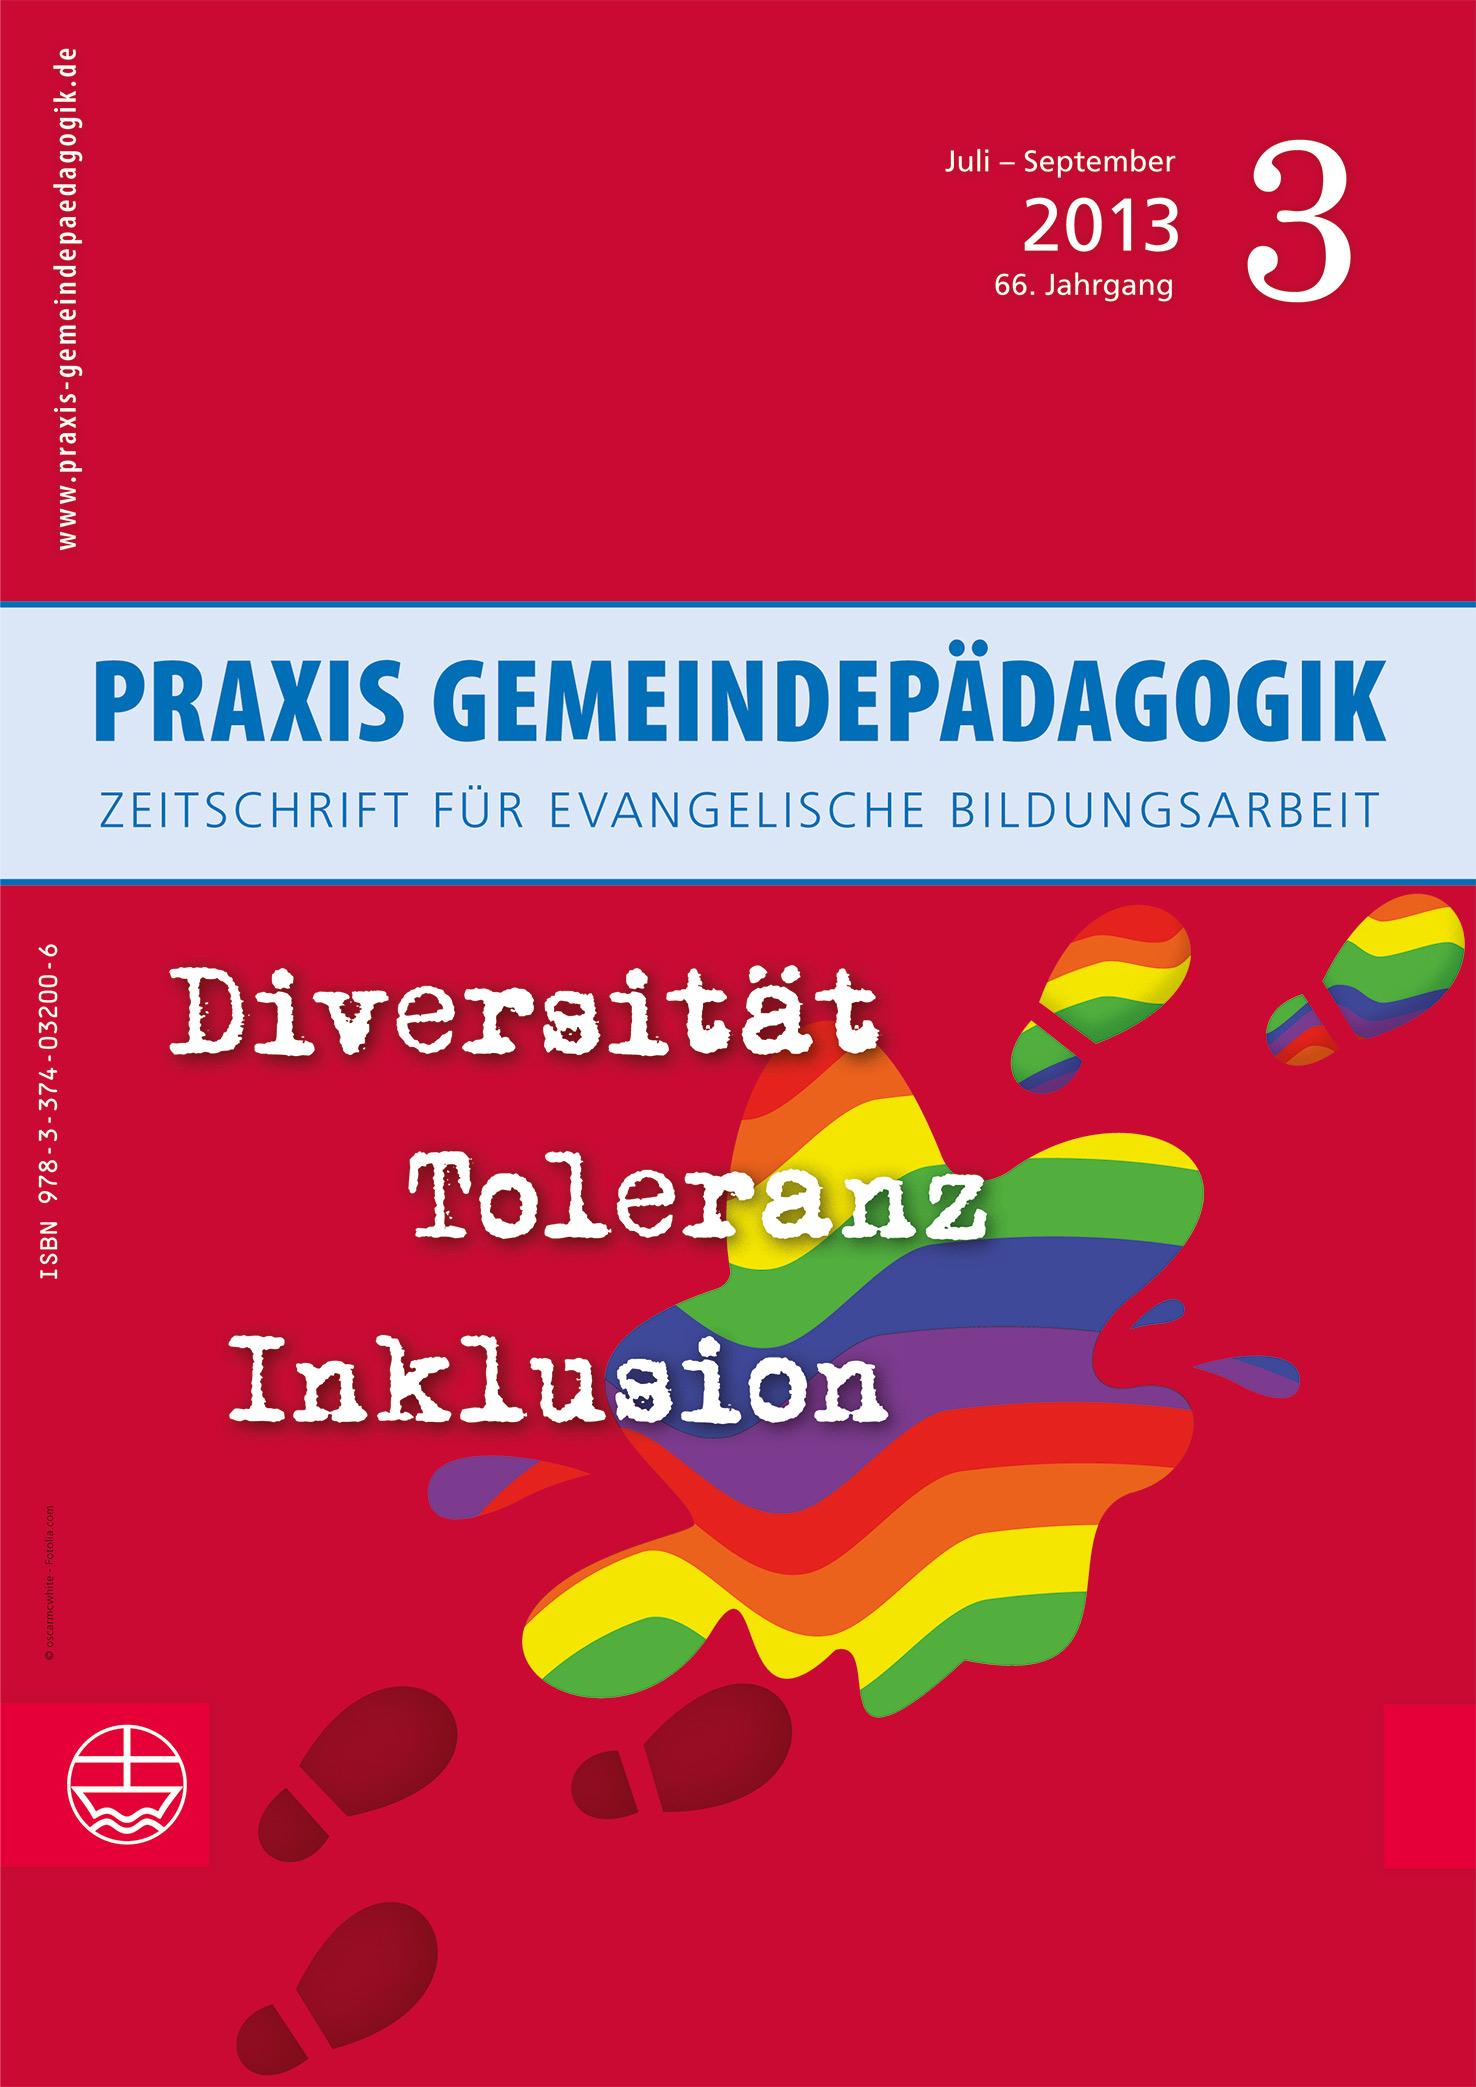 Diversität - Toleranz - Inklusion |  |  9783374032006